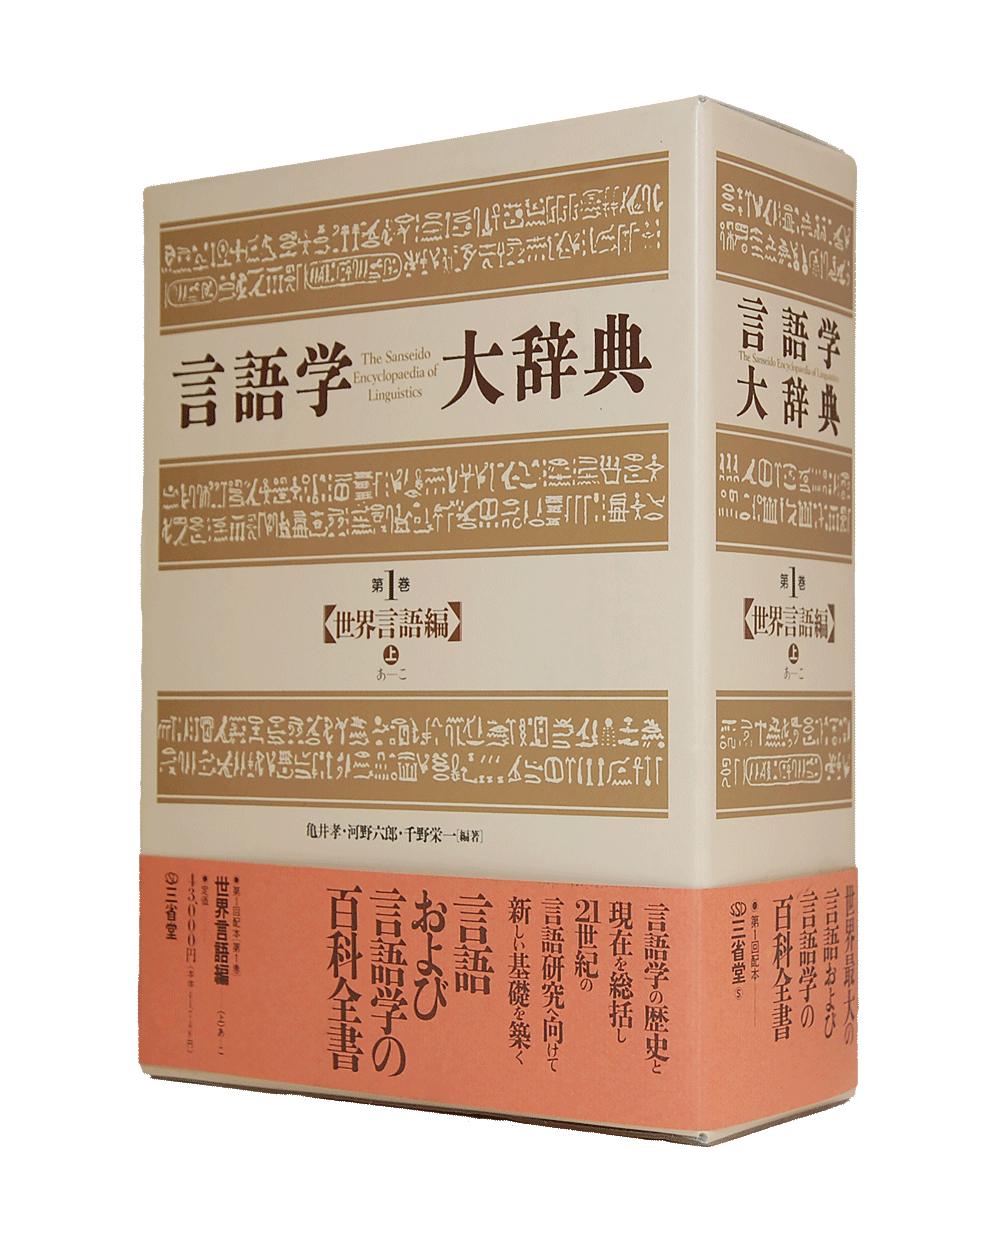 ウィズダム 英和 辞典 4 版